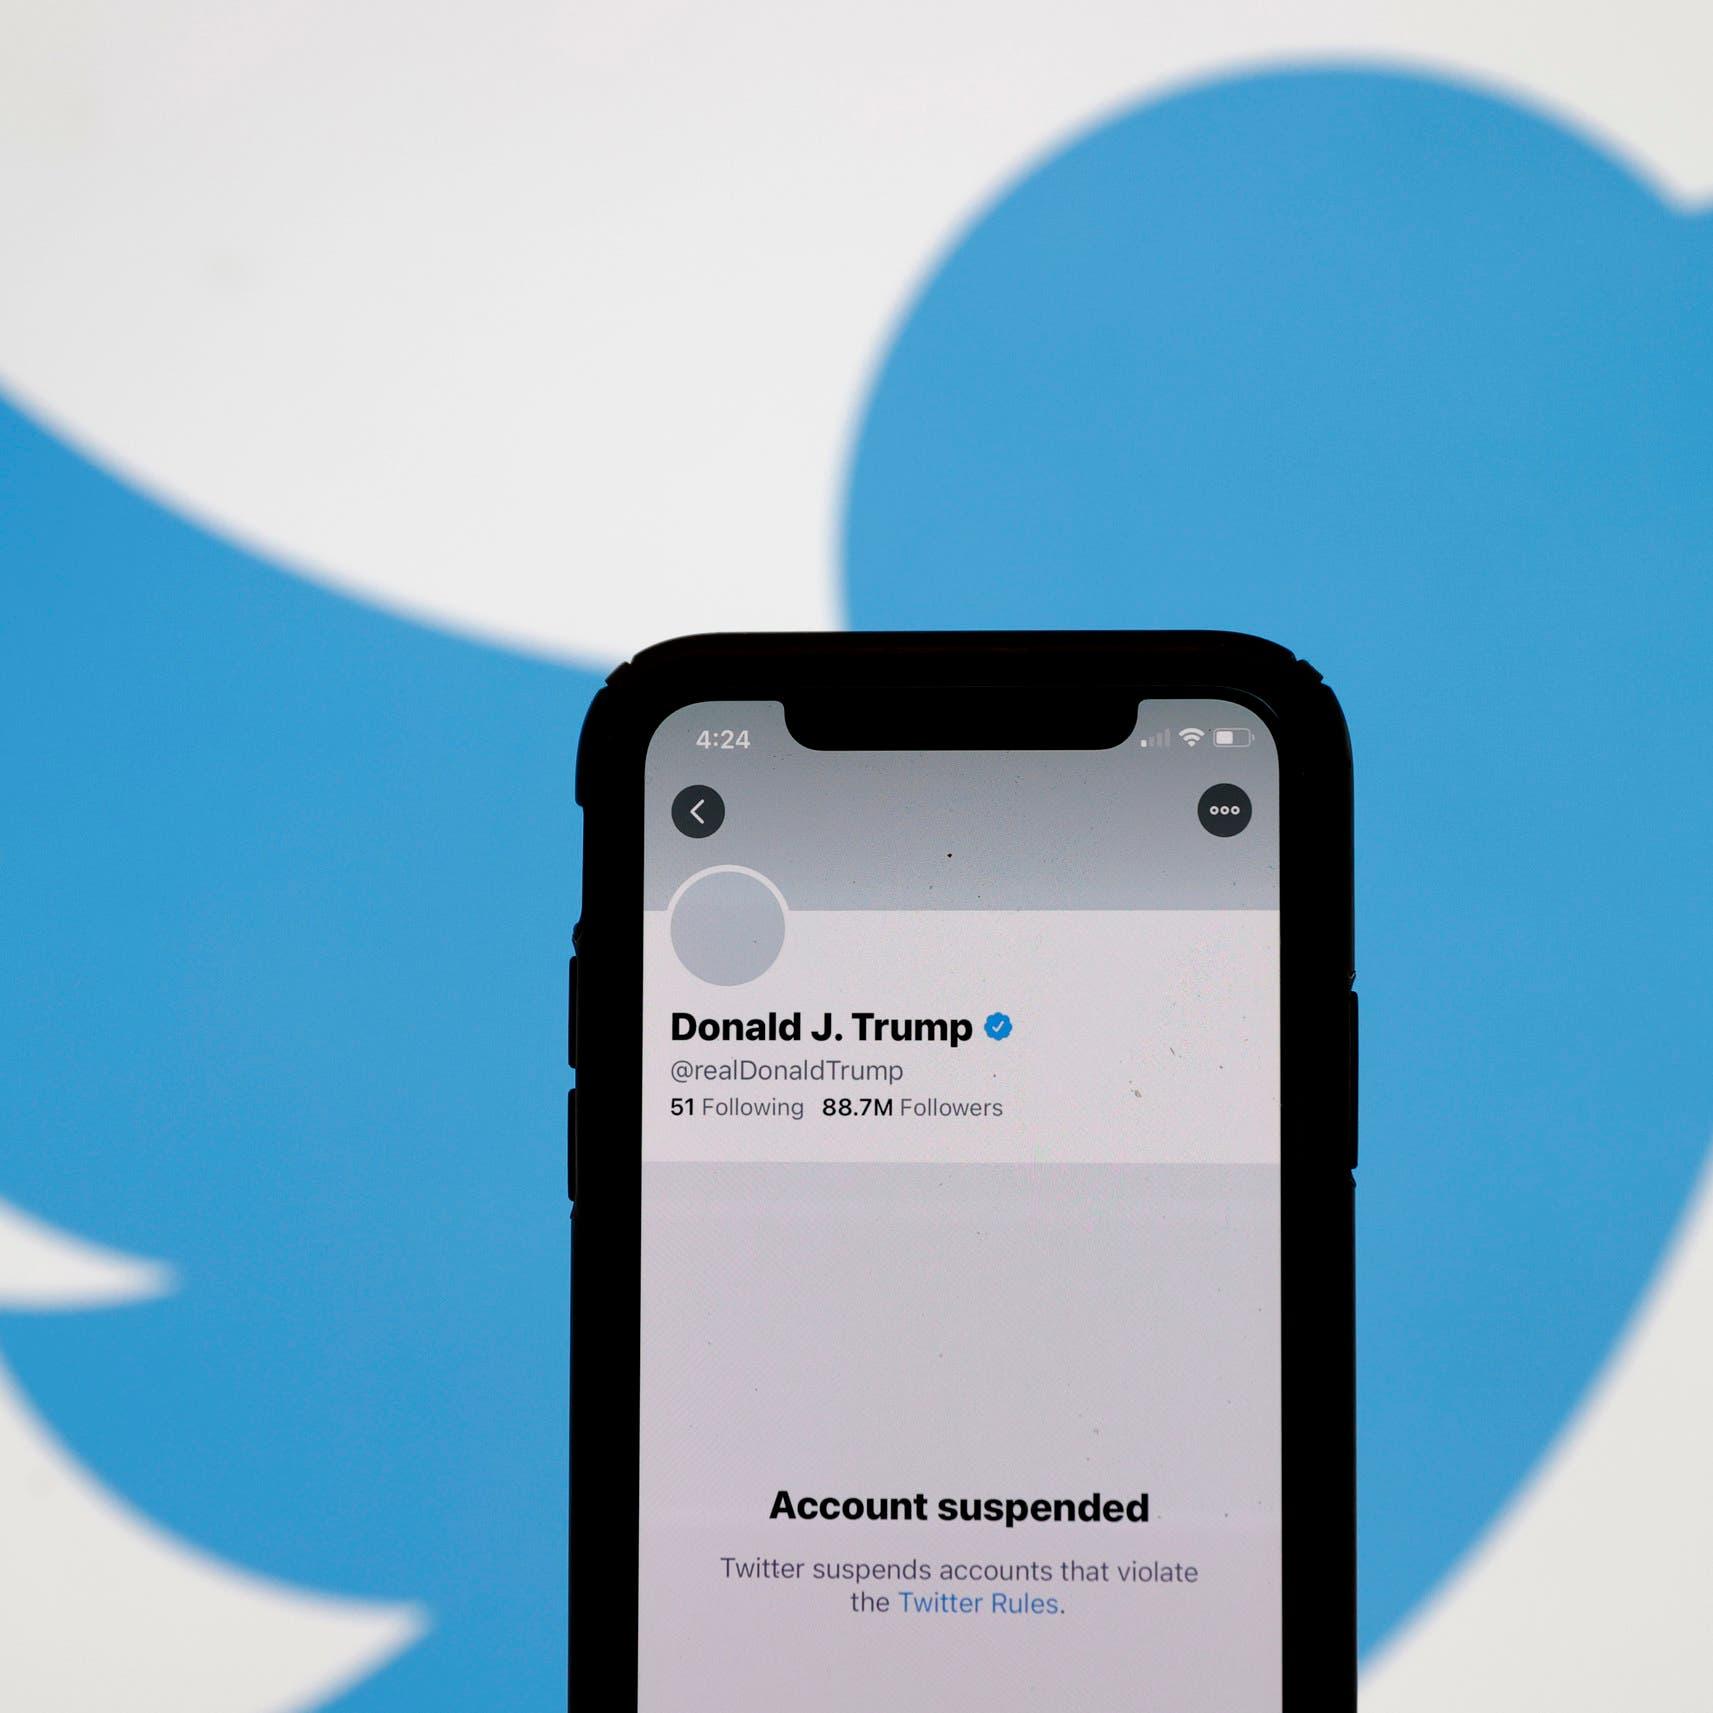 منصته الأحب خذلته.. تويتر يوقف حساب ترمب الشخصي نهائياً